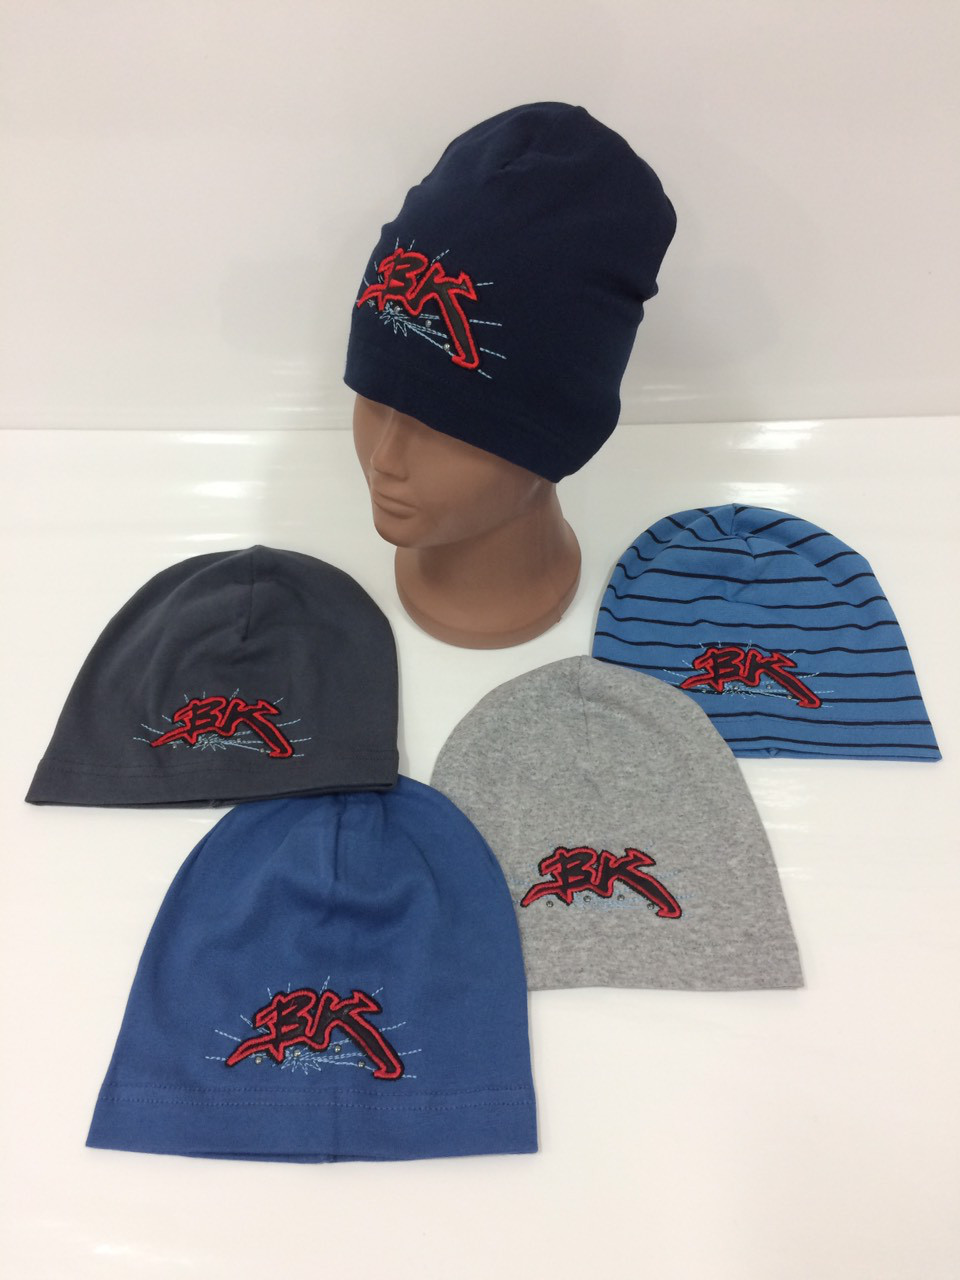 Детские демисезонные трикотажные шапки для мальчиков, р.46-48, Eg-Style (Польша)